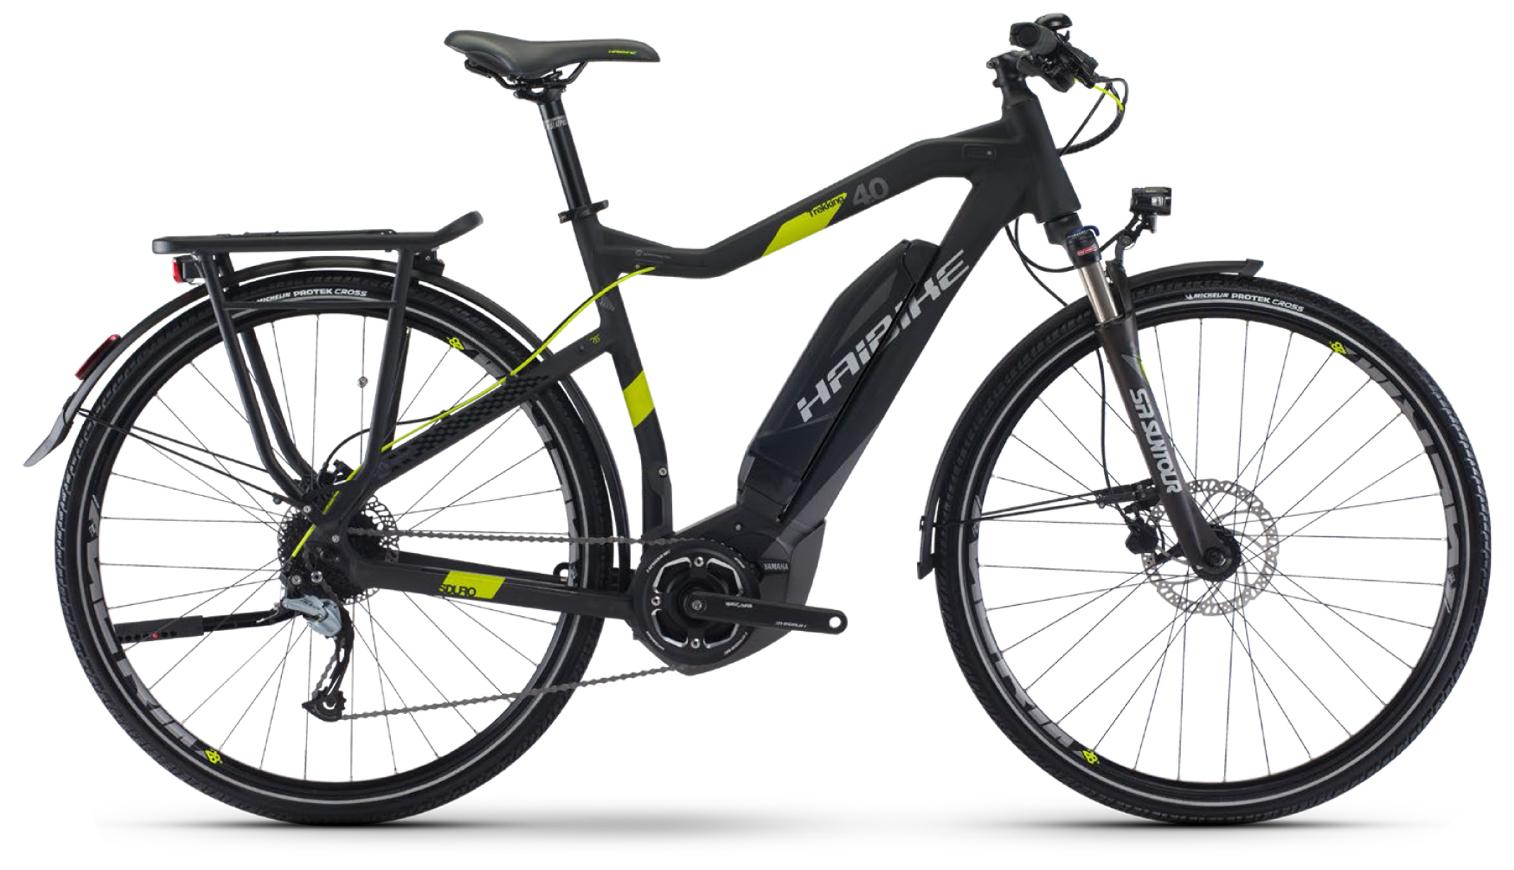 Haibike Sduro Trekking 4.0 men (2017)Мужские<br>Haibike Sduro Trekking 4.0 men – это высокотехнологичный велосипед для передвижения по городу и городским паркам. Байк обладает колесами 28 дюймов, обутыми в покрышки Michelin Protek Cross, которые обеспечивают отличный накат. Мощный электродвигатель имеет мощность 350 Вт и запас хода свыше 50 км. Для быстрой и четкой остановки на велосипед установлена дисковая гидравлика Tektro HD-M285, которая отлично работает даже в ненастную погоду. Также на байк установлены полноразмерные крылья и багажник для перевозки небольших грузов.<br>